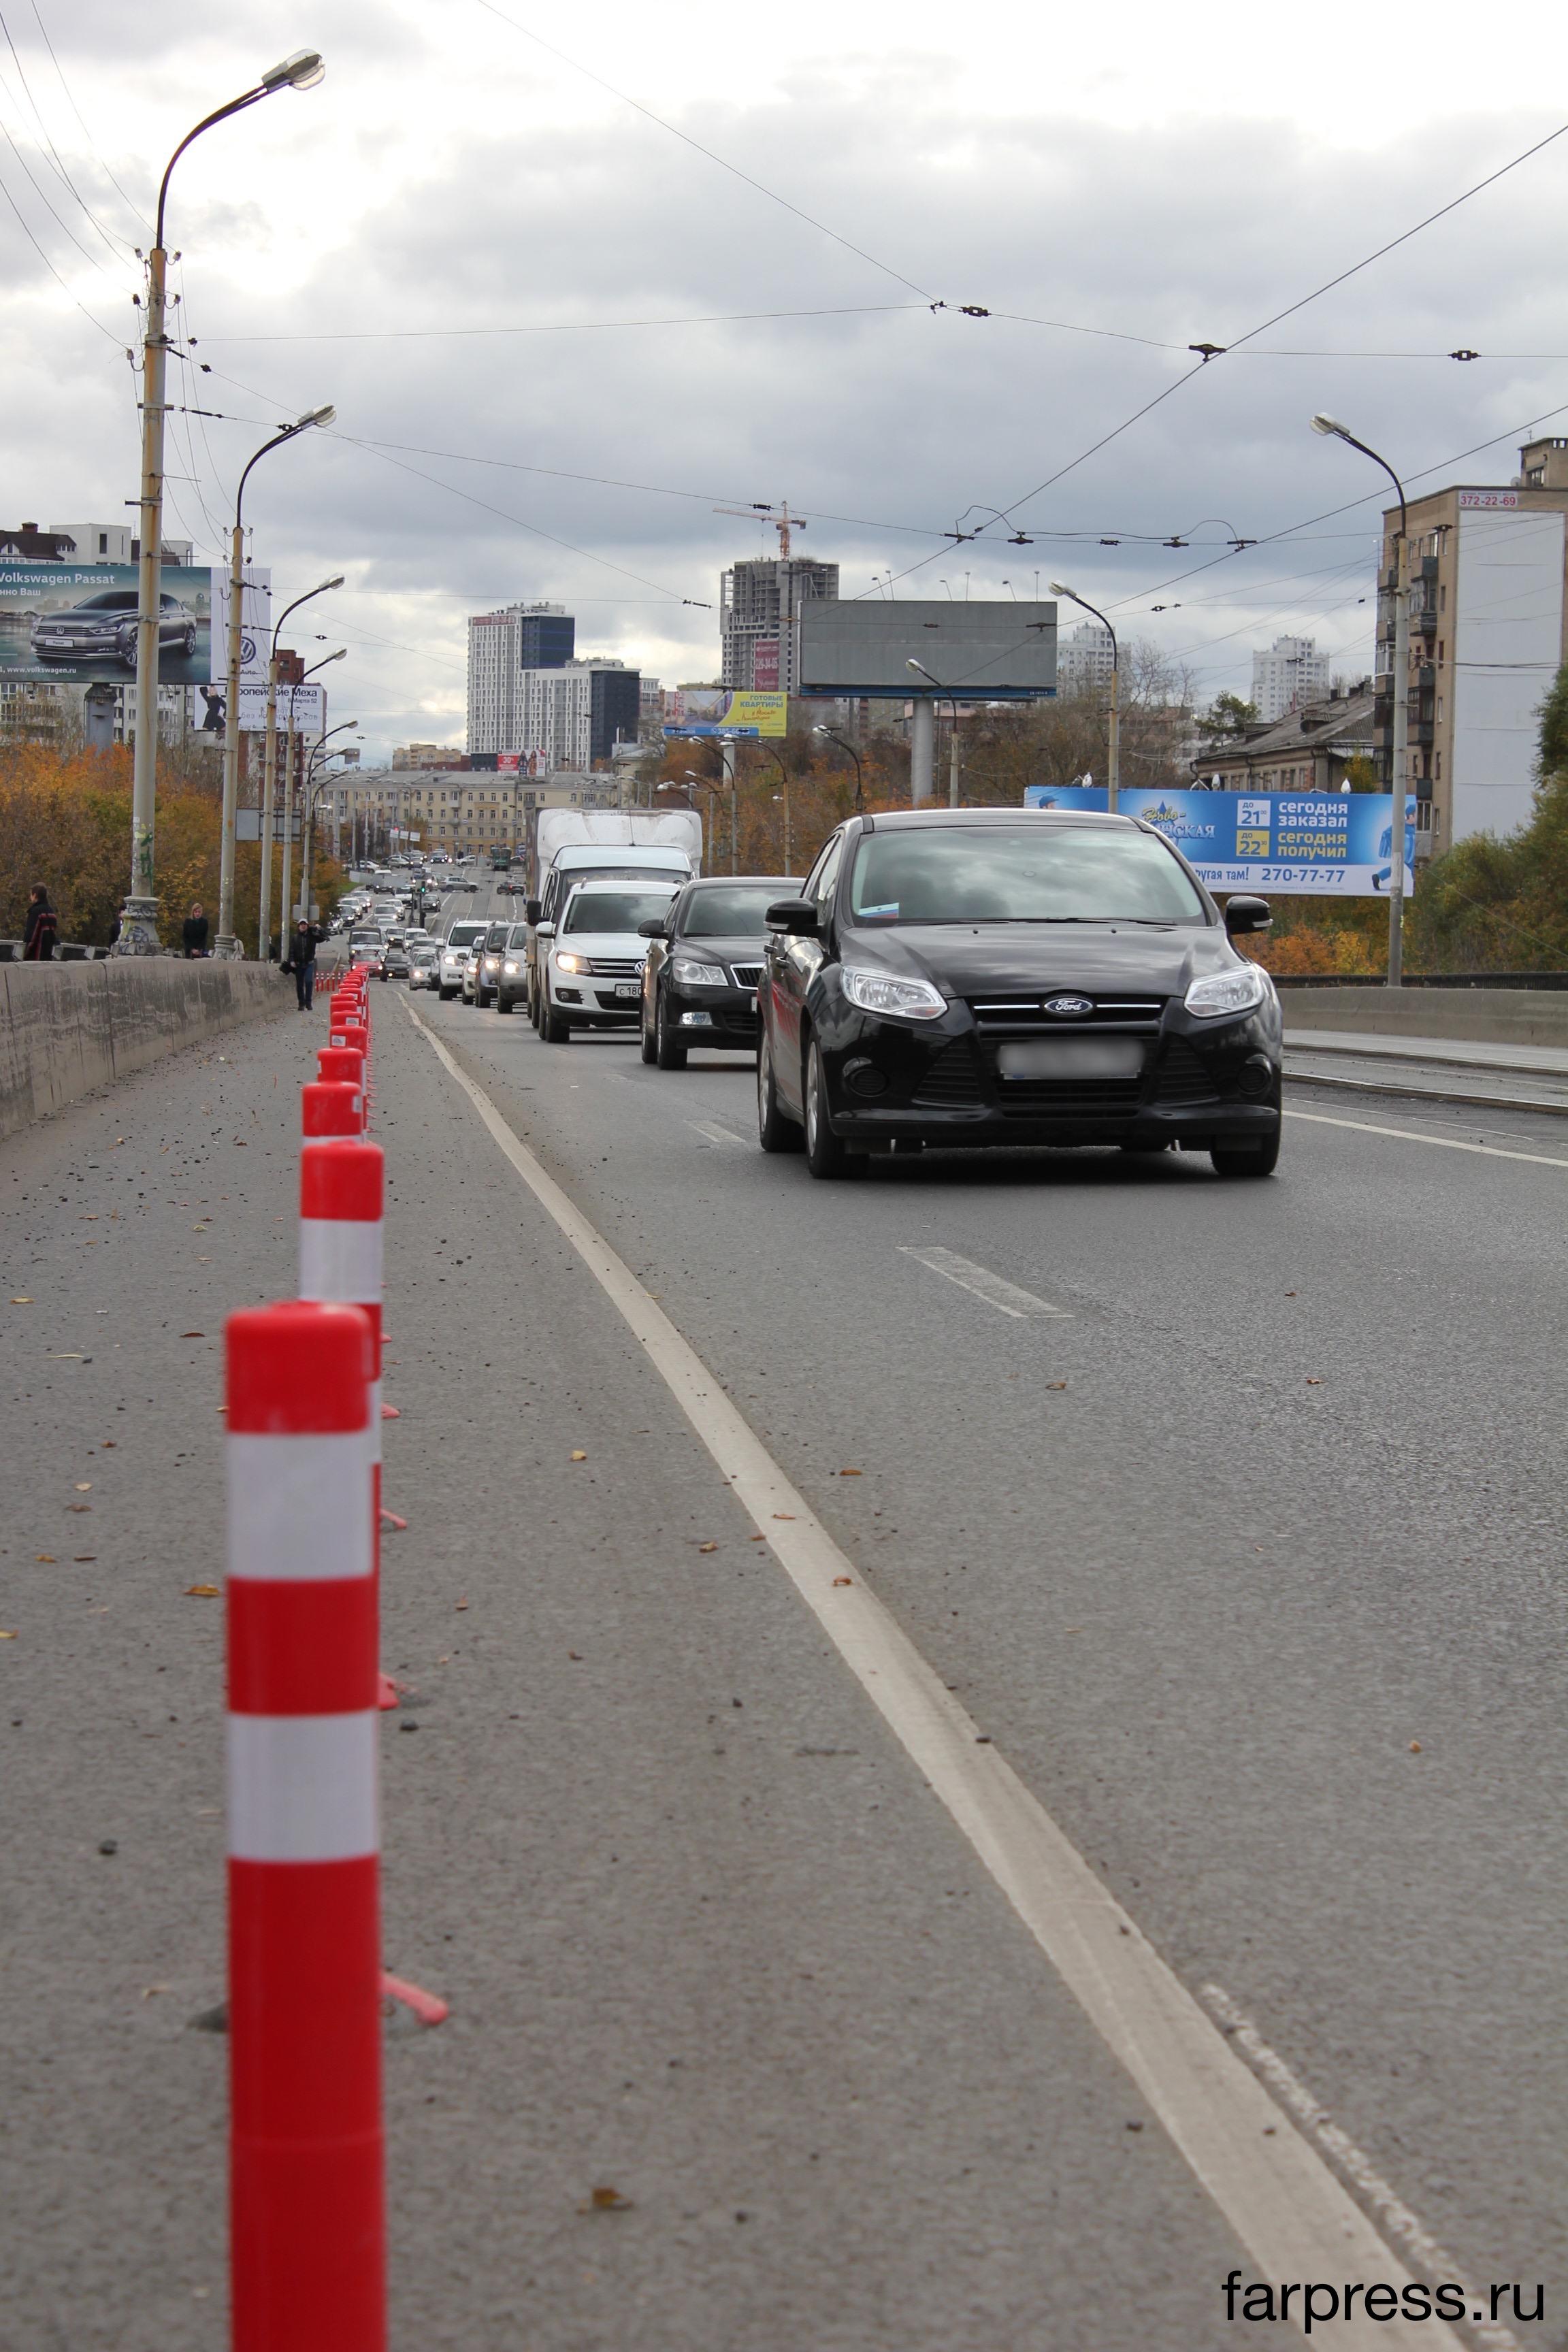 Комитет по защите прав автовладельцев провел акцию по профилактике ПДД